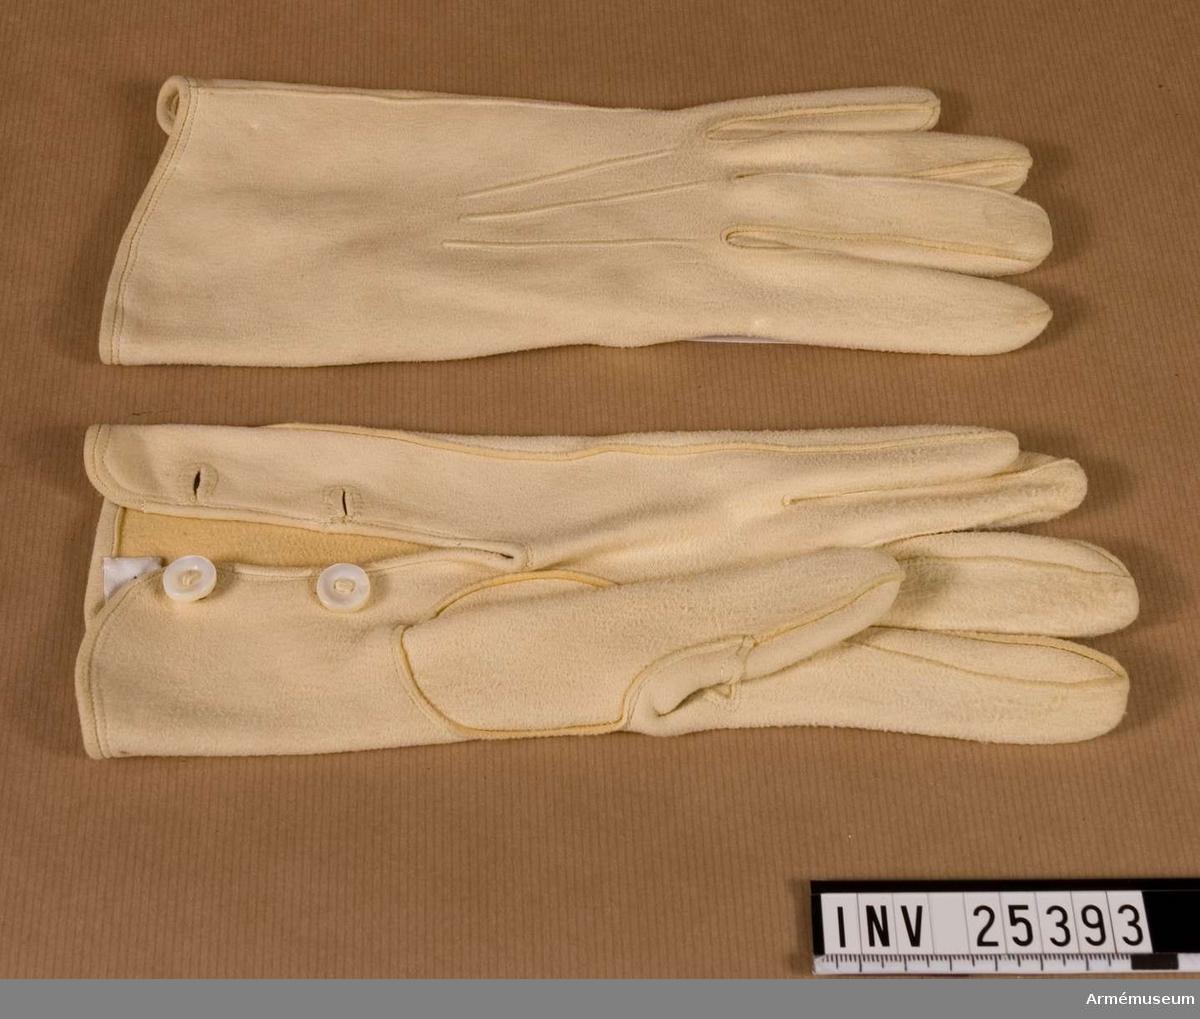 Grupp C I. Handskar. Ett par vita. Ur uniform för general vid Värmlands regemente. Består av vapenrock, epåletter, axelklaffar, långbyxor, mössa, vapenplåt, pompong, plym, känga, sporrar, skjorta, handskar.